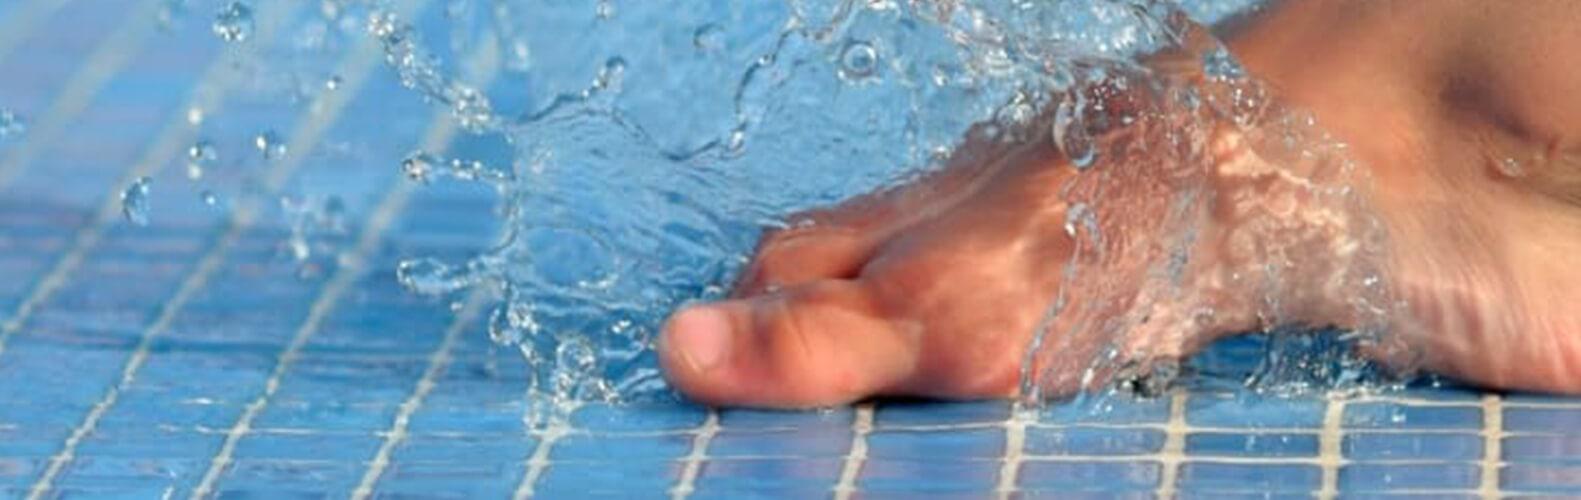 Waterproofing 01